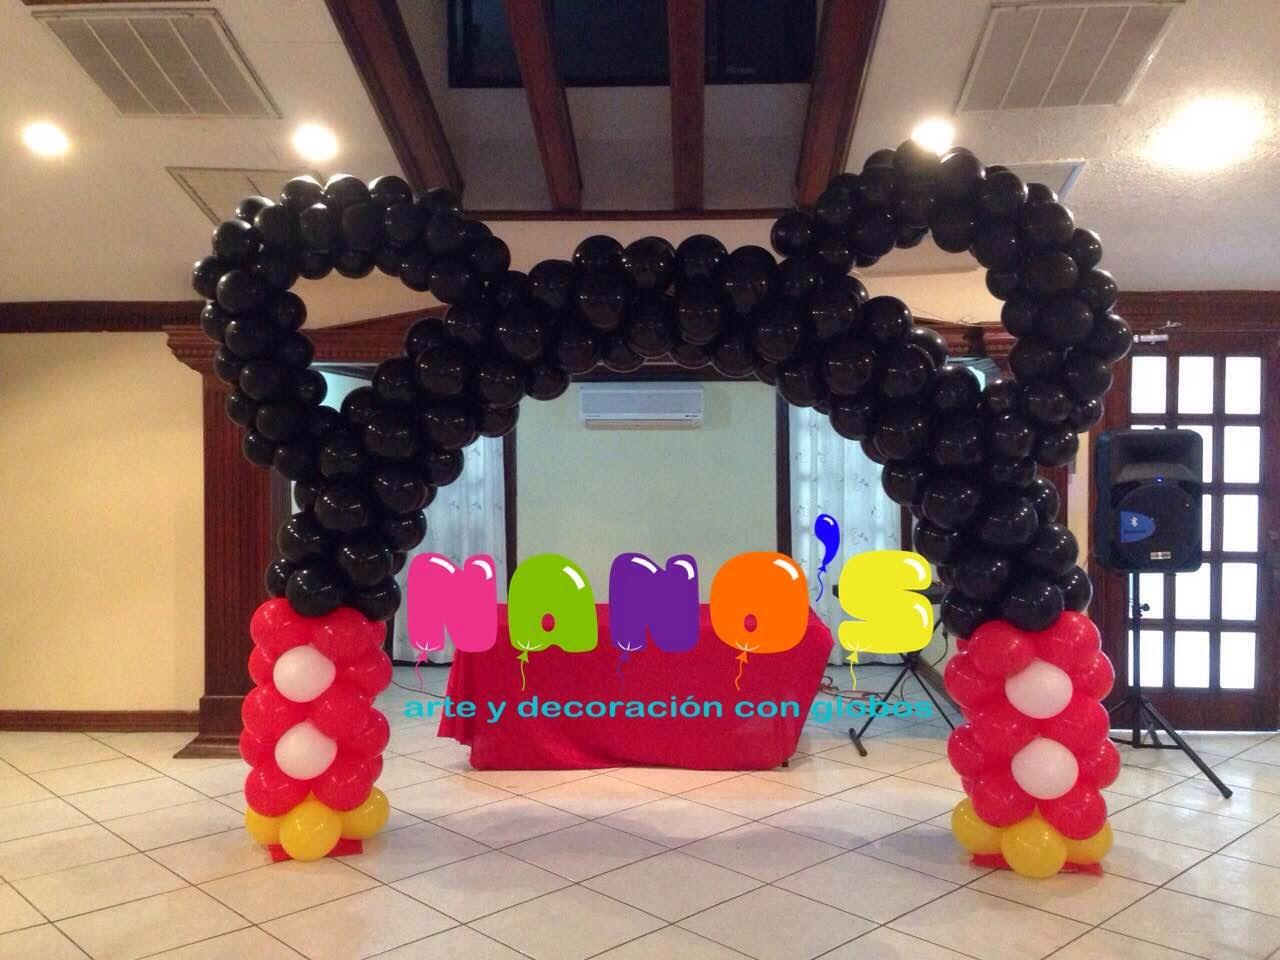 Decoracion con globos de mickey mouse ambientacion con for Decoracion de aulas infantiles